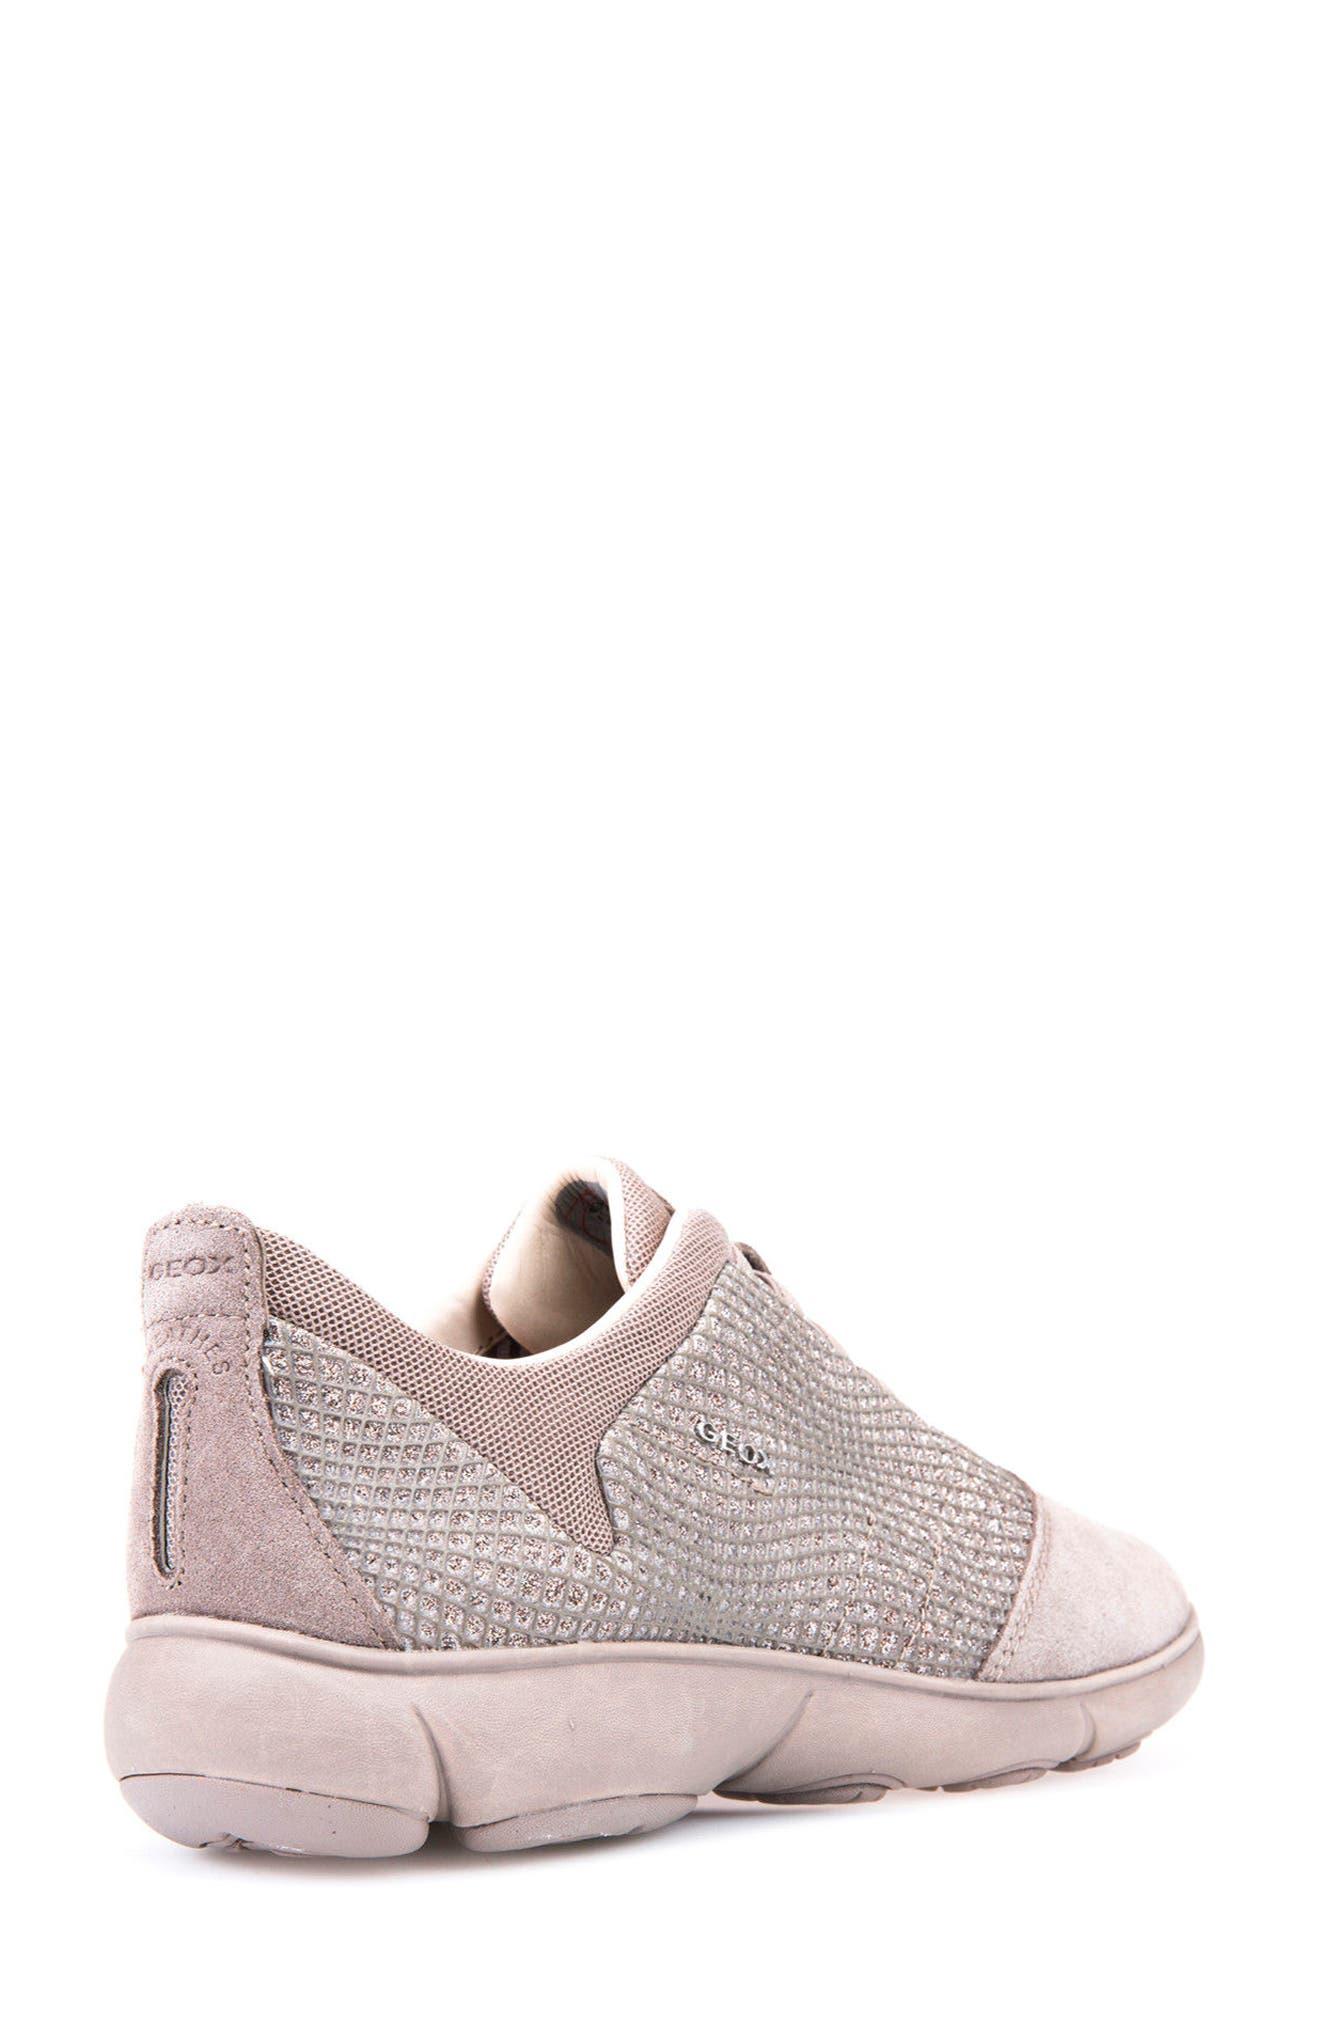 Nebula Slip-On Sneaker,                             Alternate thumbnail 4, color,                             Taupe